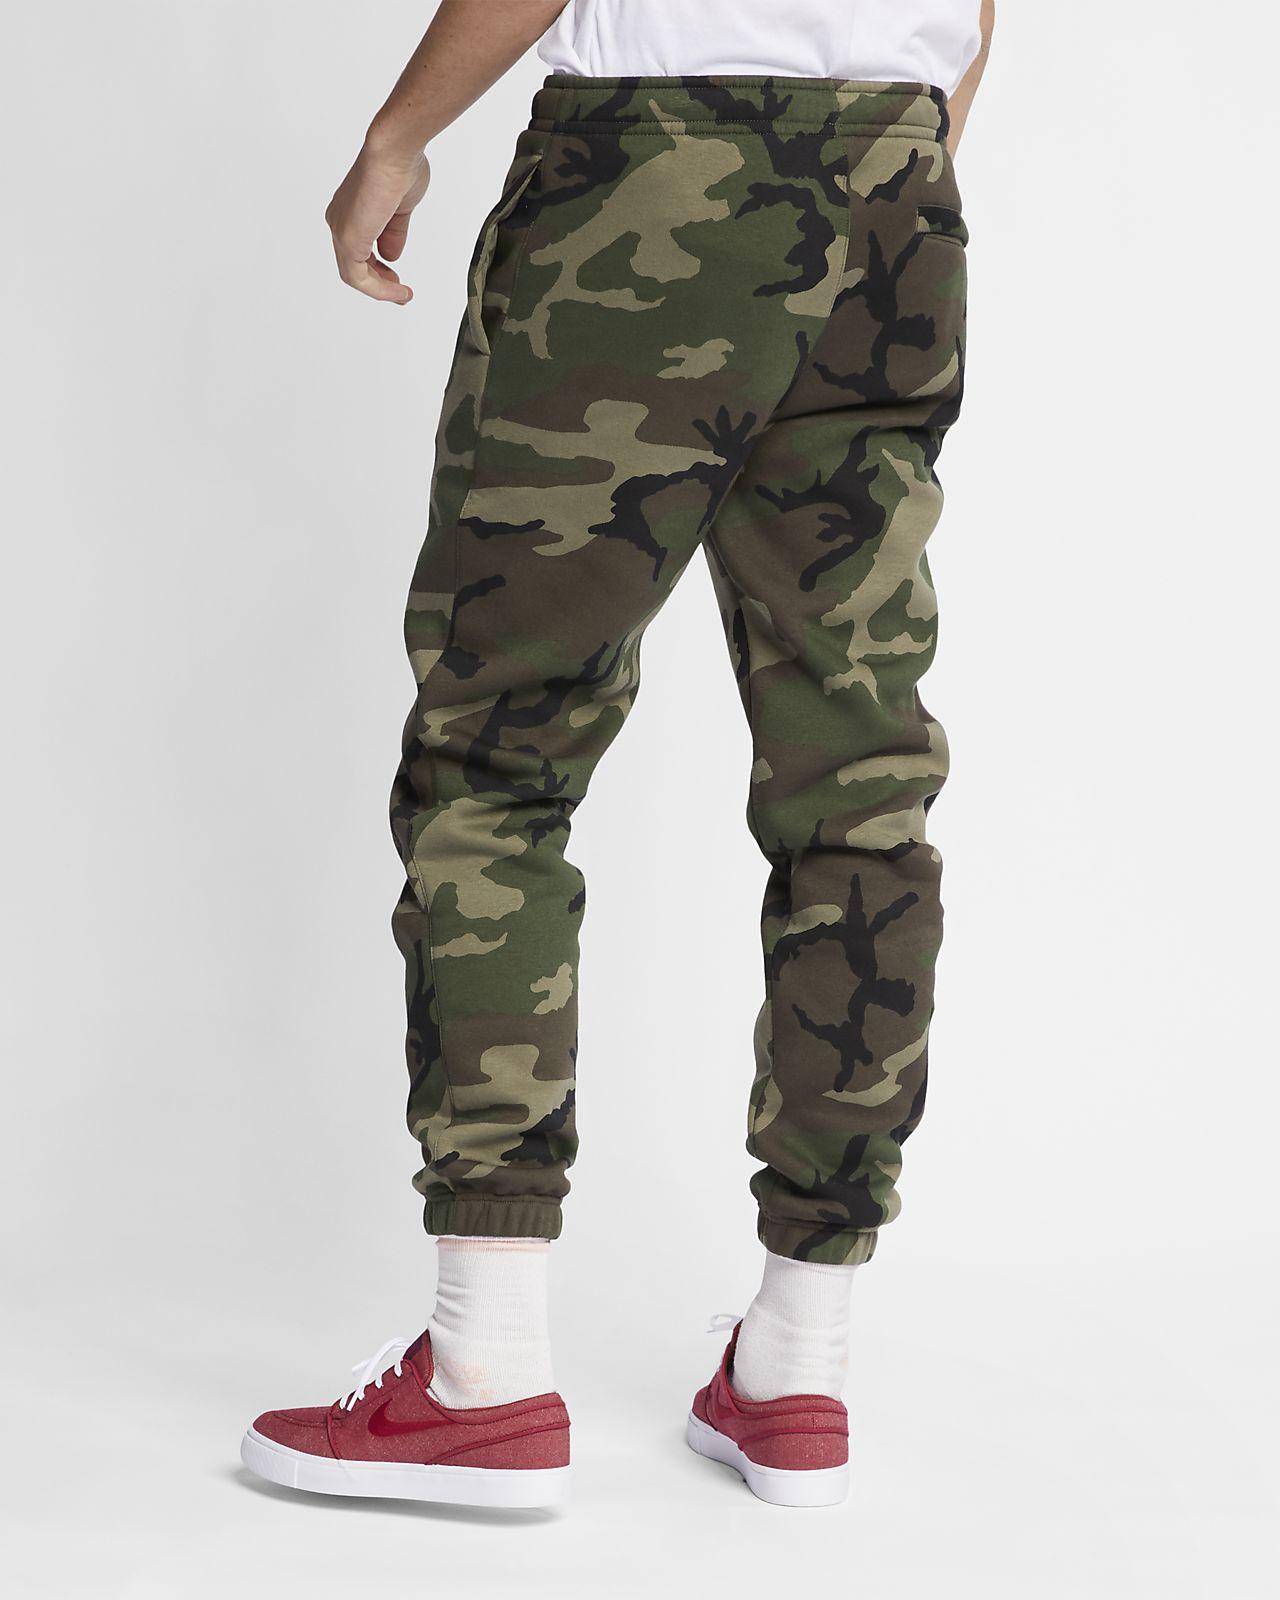 e38c76aa54c2 Nike SB Icon Men s Camo Skate Pants. Nike.com